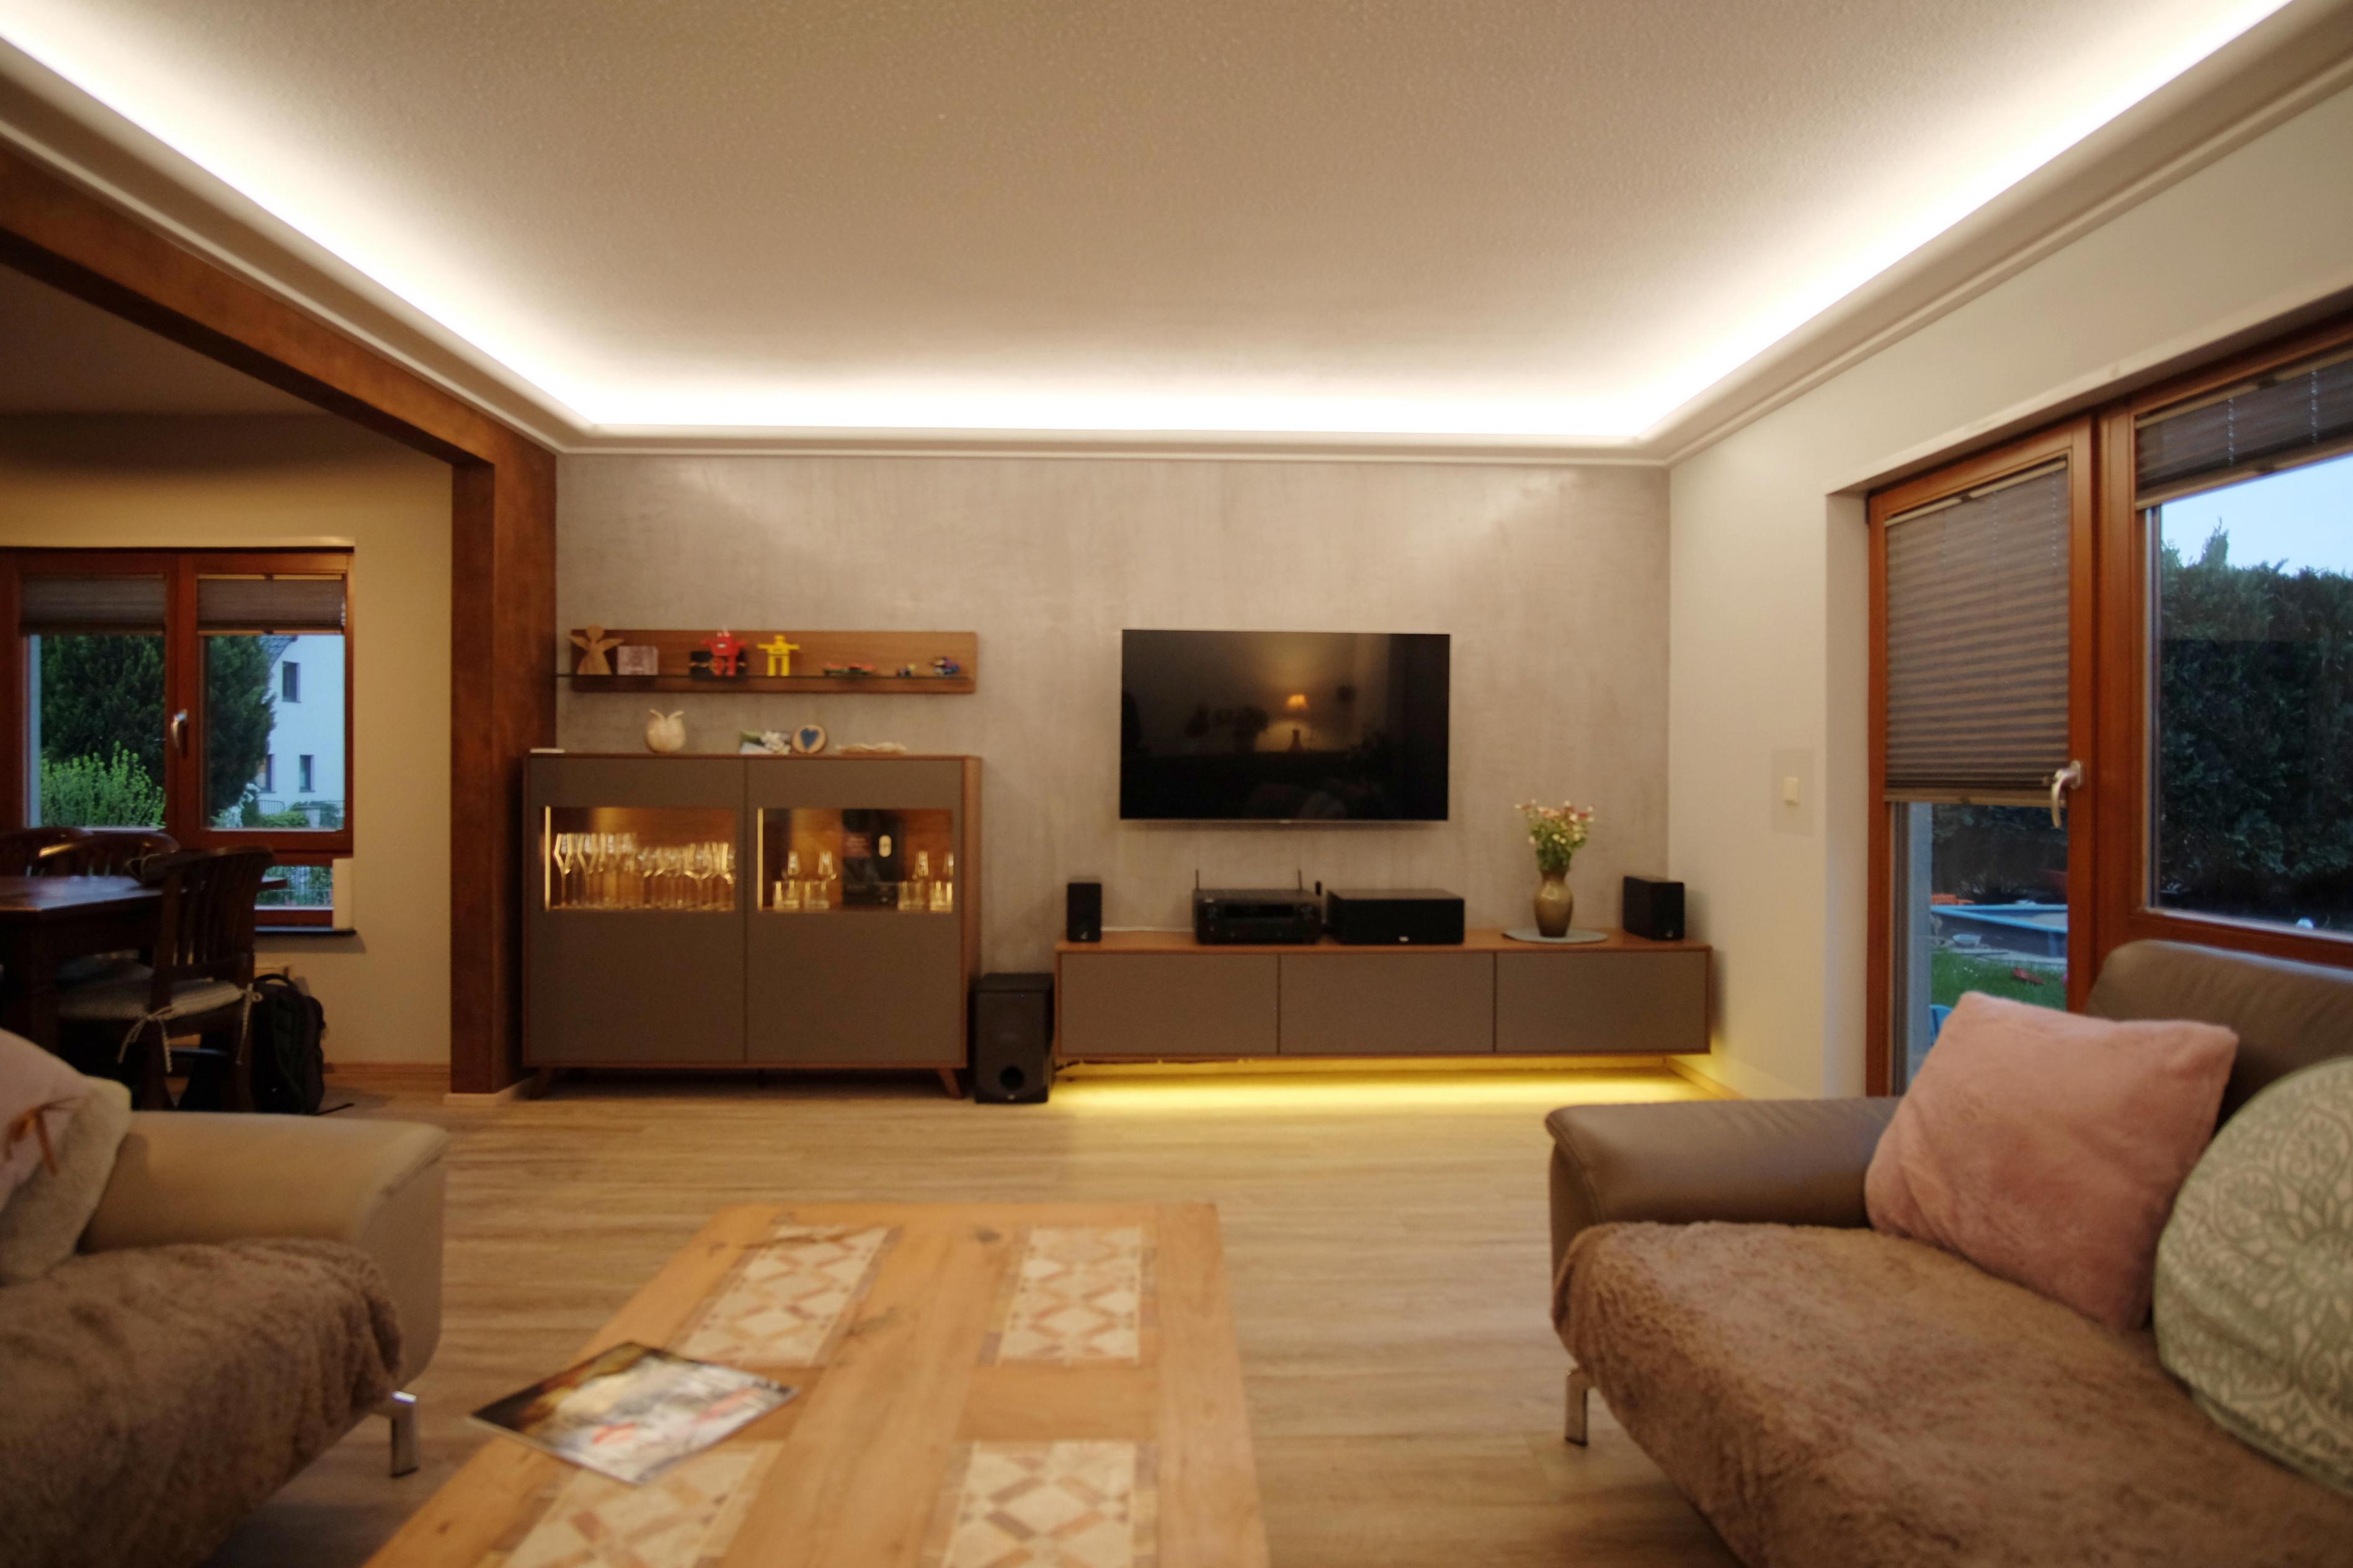 Beleuchtung Wohnzimmer Beratung – Caseconrad von Wohnzimmer Lampe Indirektes Licht Photo